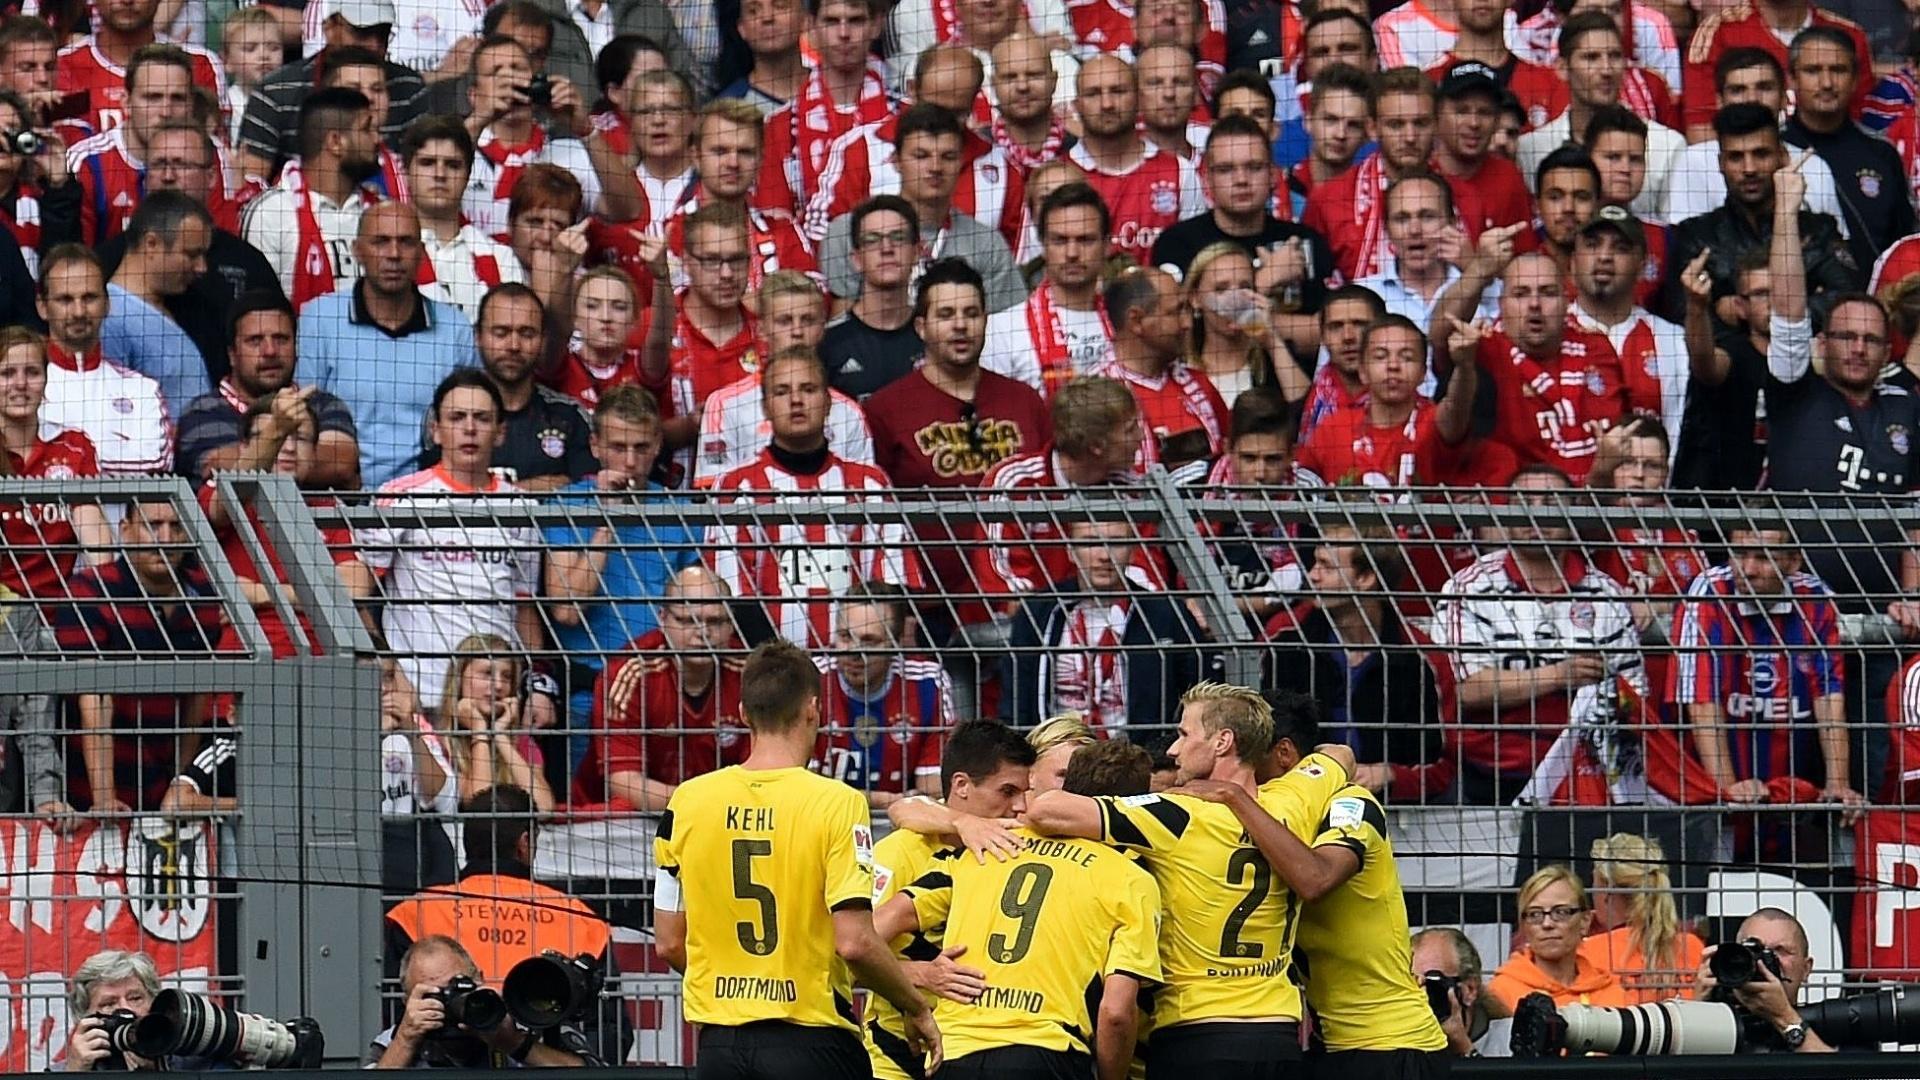 Jogadores do Borussia Dortmund comemoram gol de Mkhitaryan contra o Bayern de Munique pela Supercopa da Alemanha